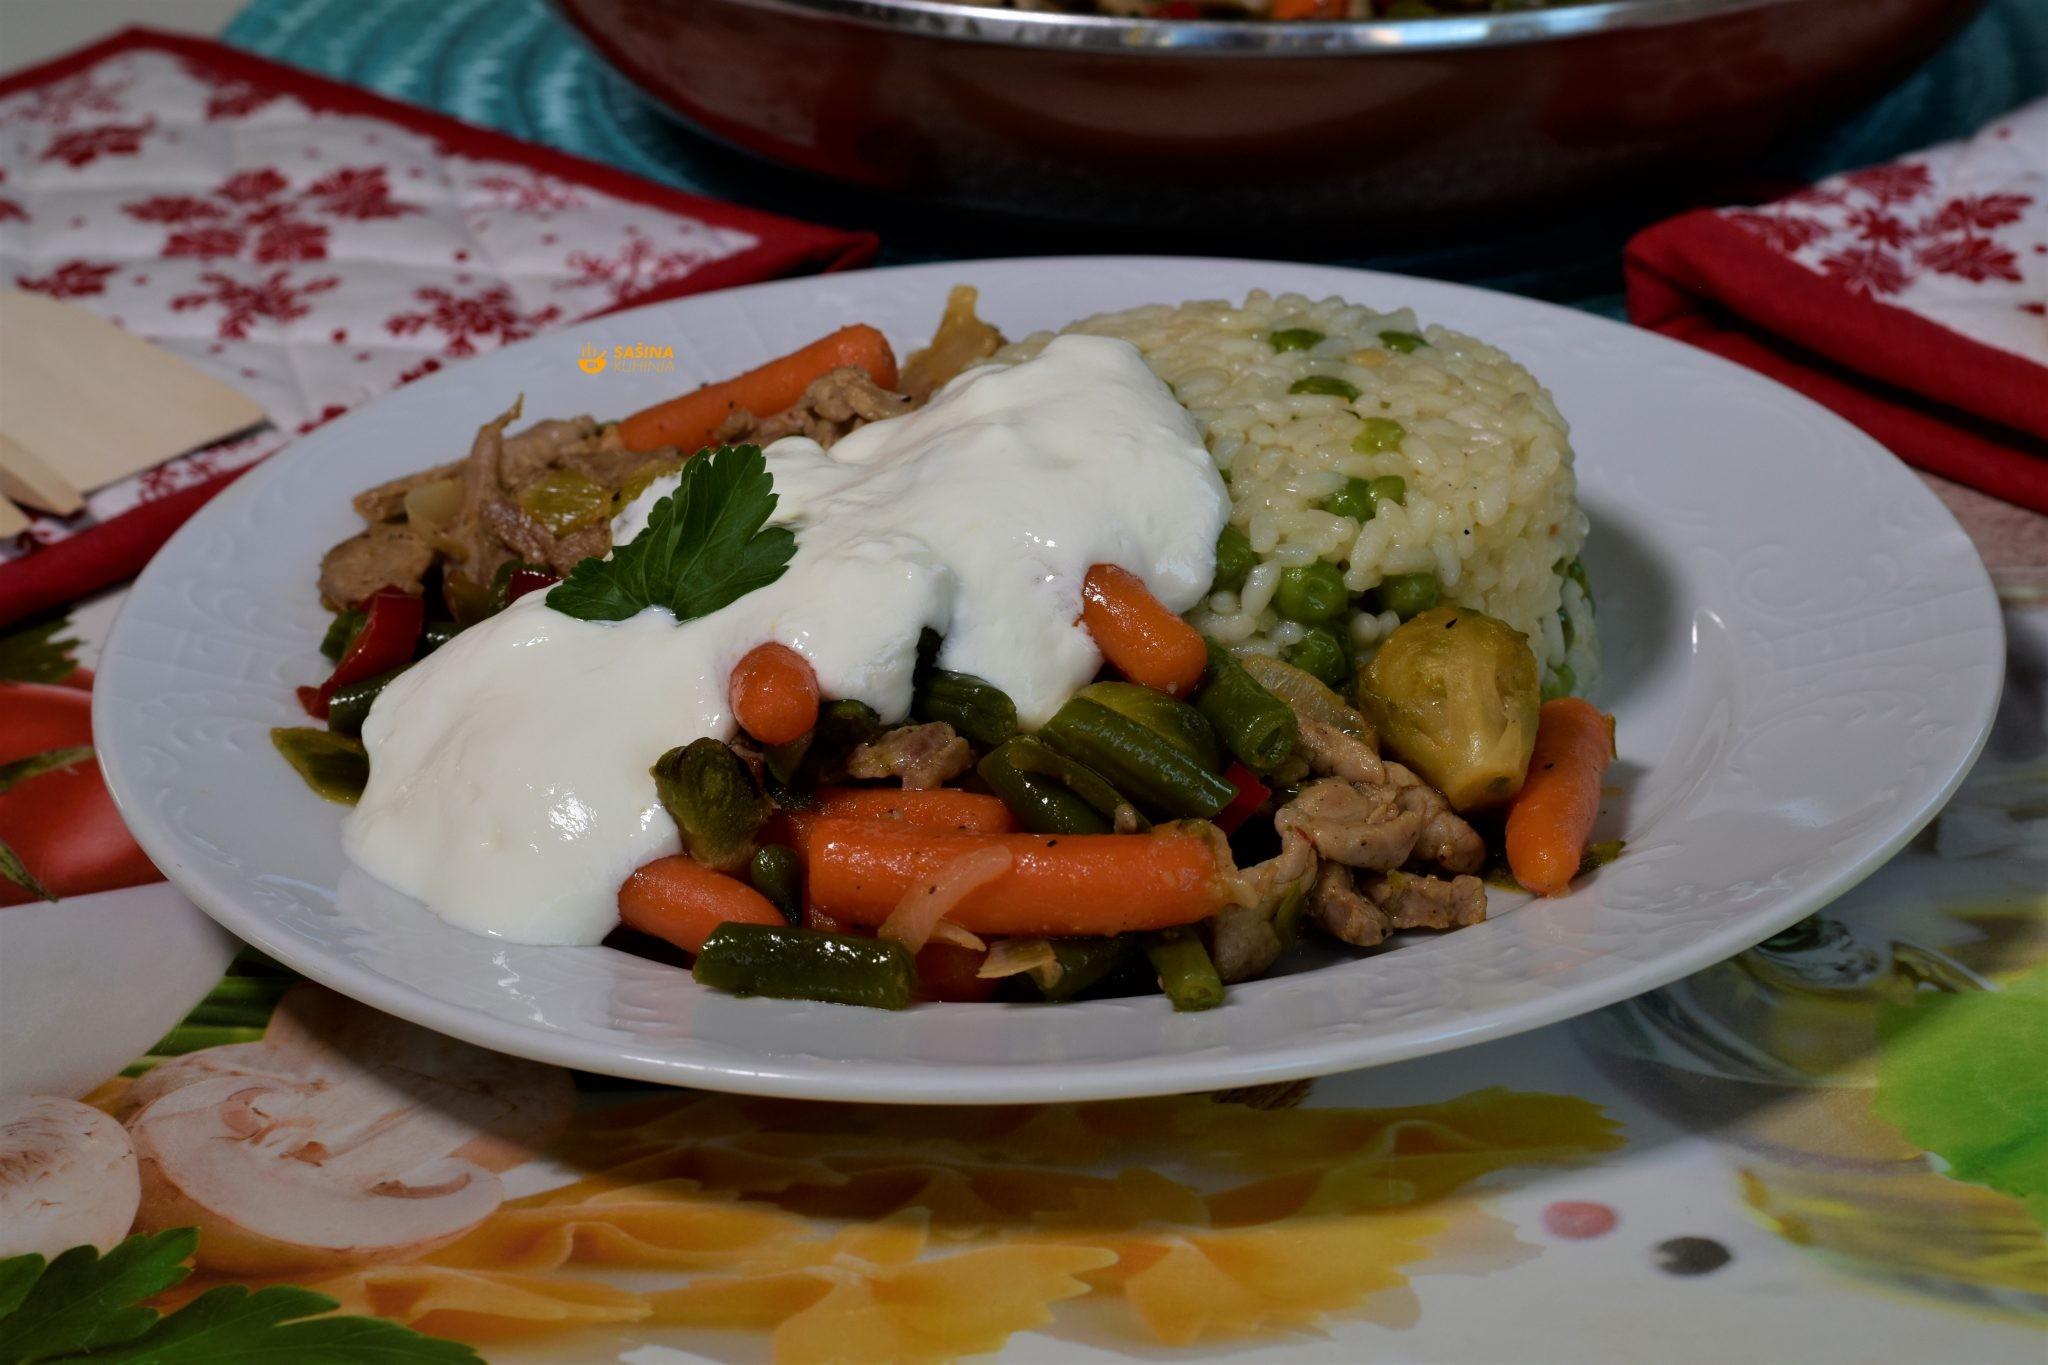 lungić flambirani s povrćem